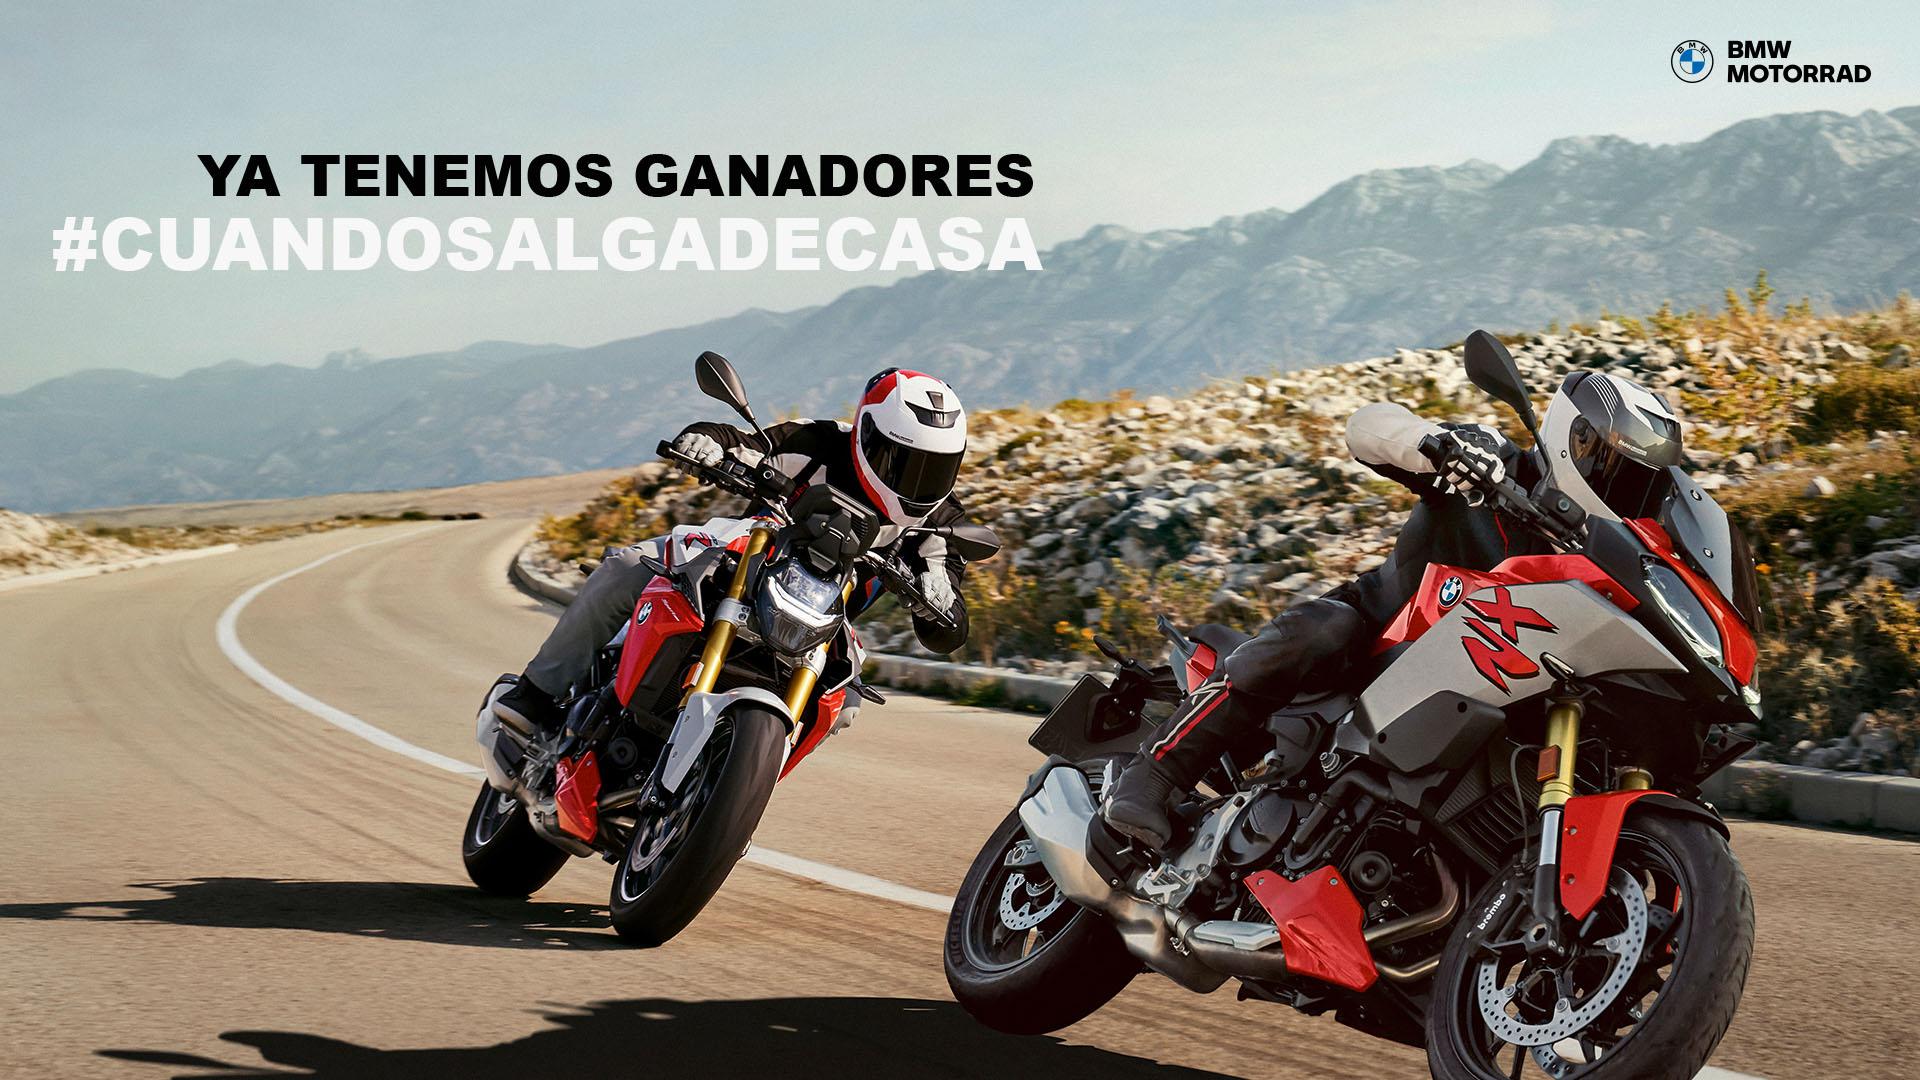 Ganadores del concurso #CuandoSalgaDeCasa con BMW Motorrad